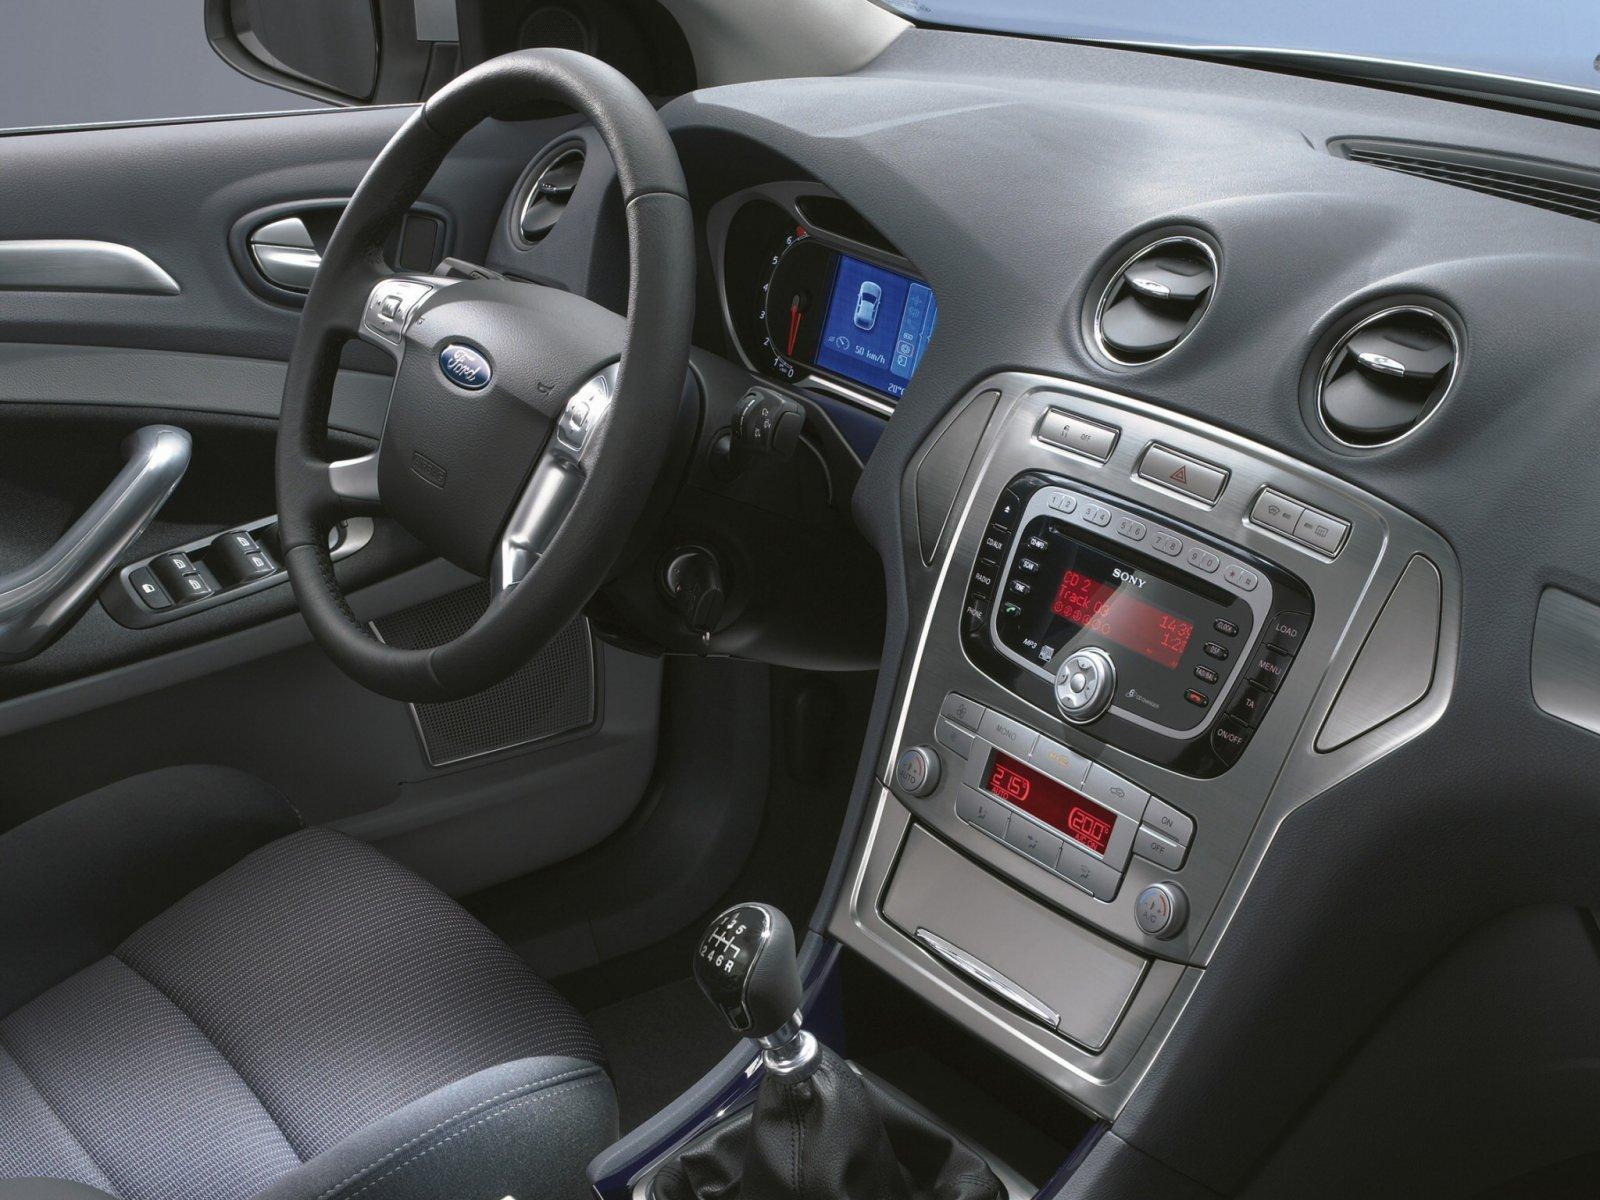 Фотографии автомобилей Ford Mondeo / Форд Мондео (2007 - 2010) Универсал / Фото, заставки и обои для рабочего стола c автомобиля